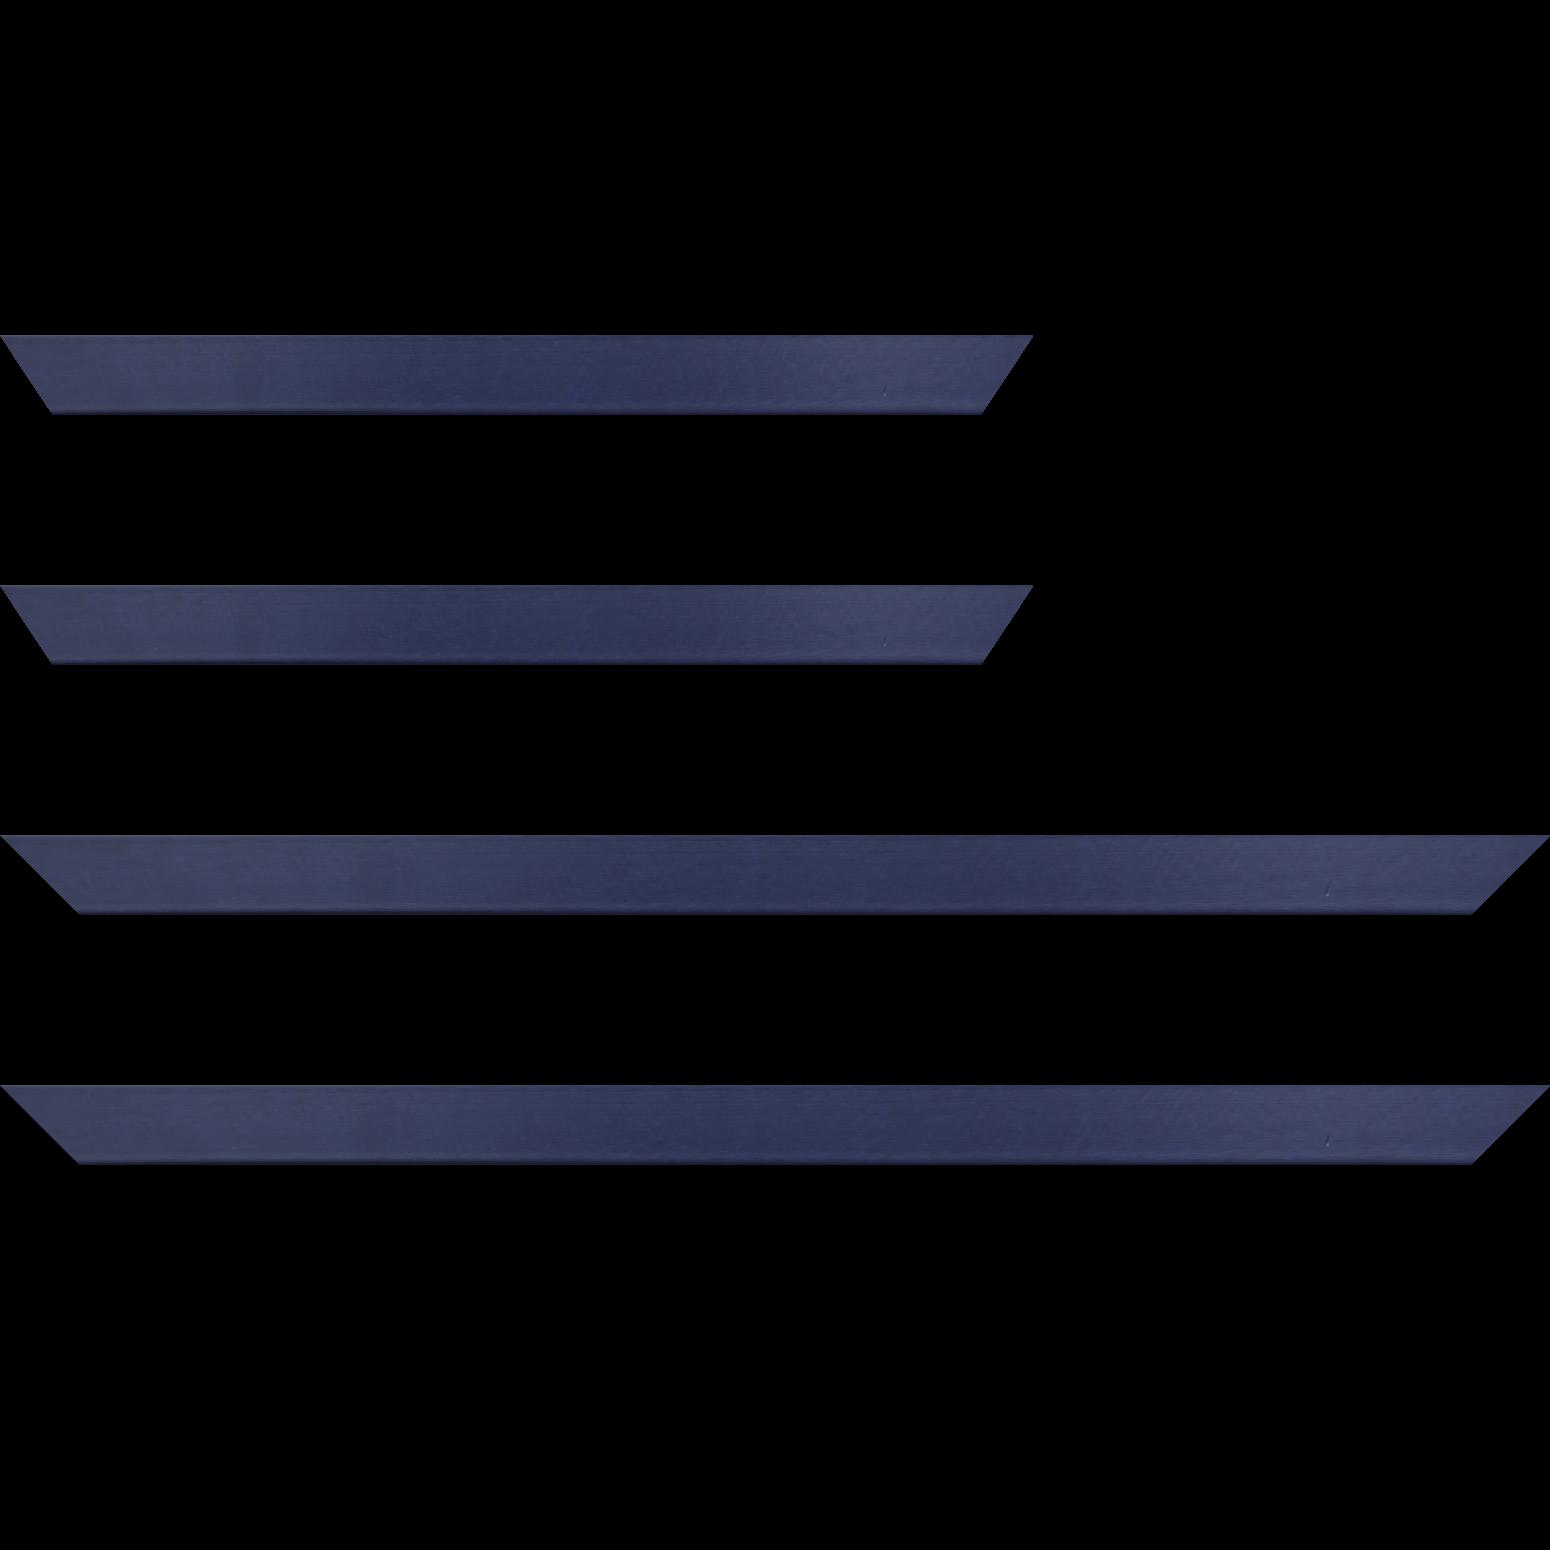 Baguette service précoupé bois profil plat largeur 2.5cm couleur bleu matisse satiné